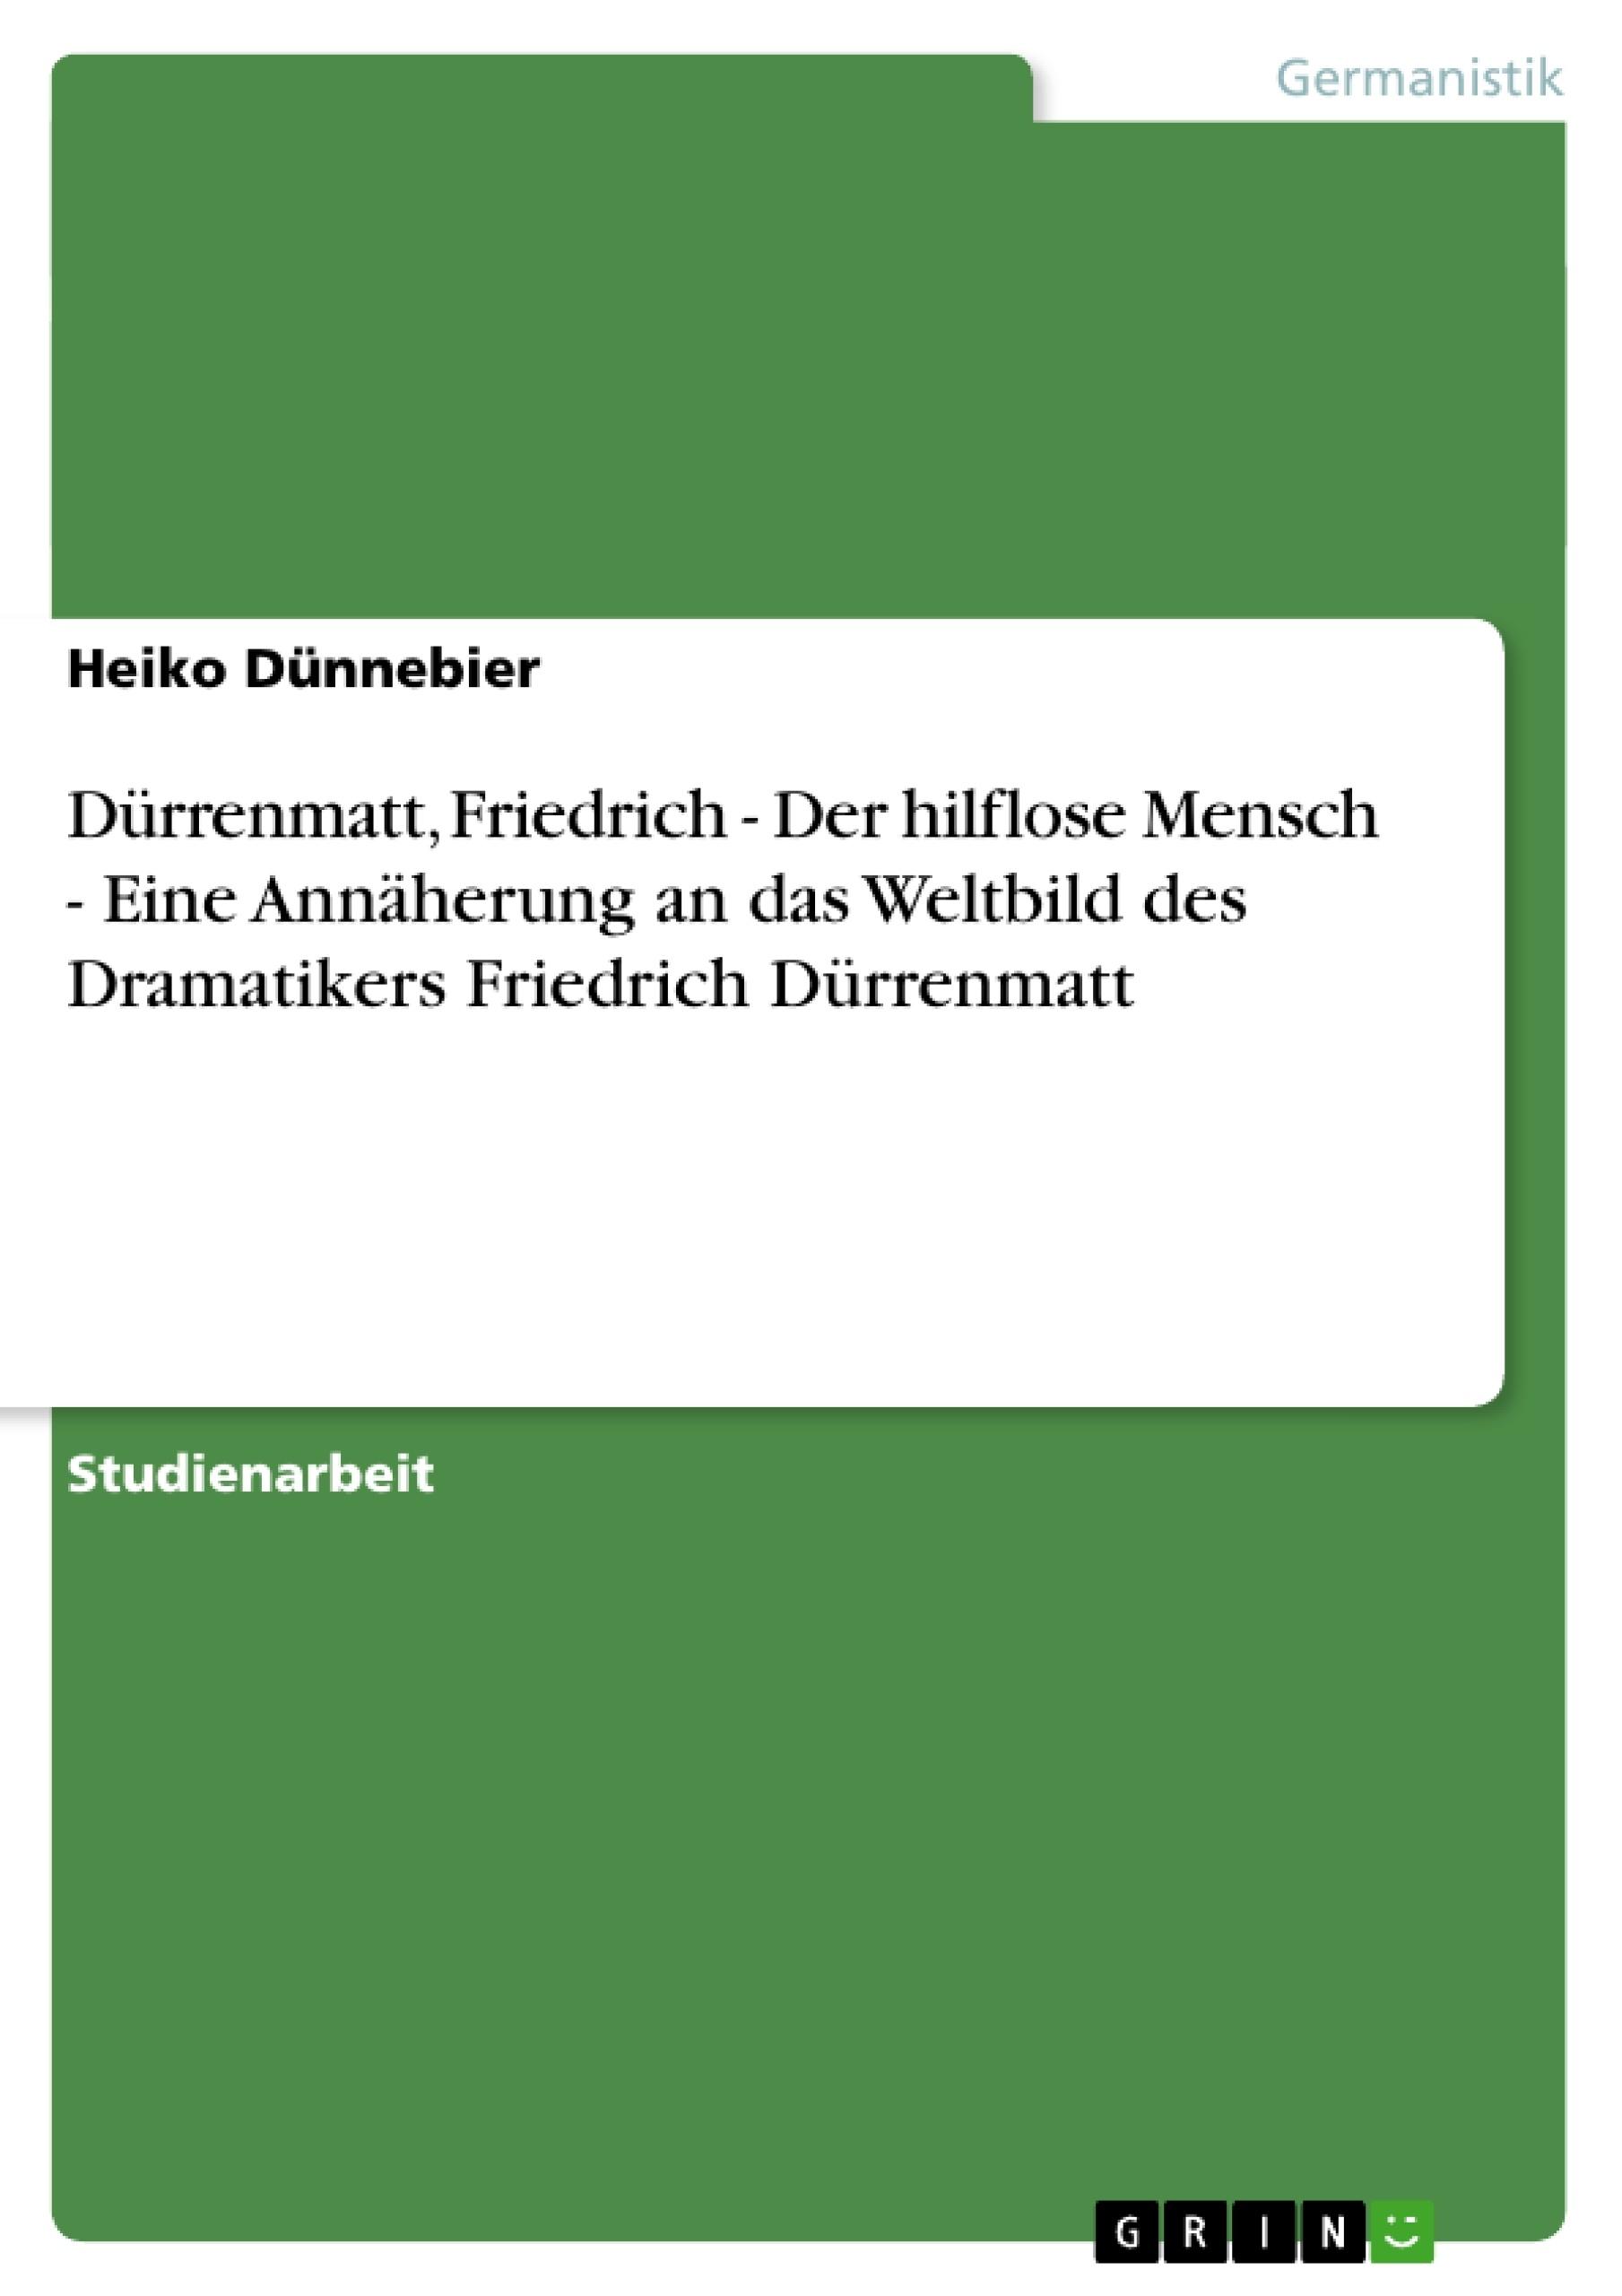 Titel: Dürrenmatt, Friedrich - Der hilflose Mensch - Eine Annäherung an das Weltbild des Dramatikers Friedrich Dürrenmatt